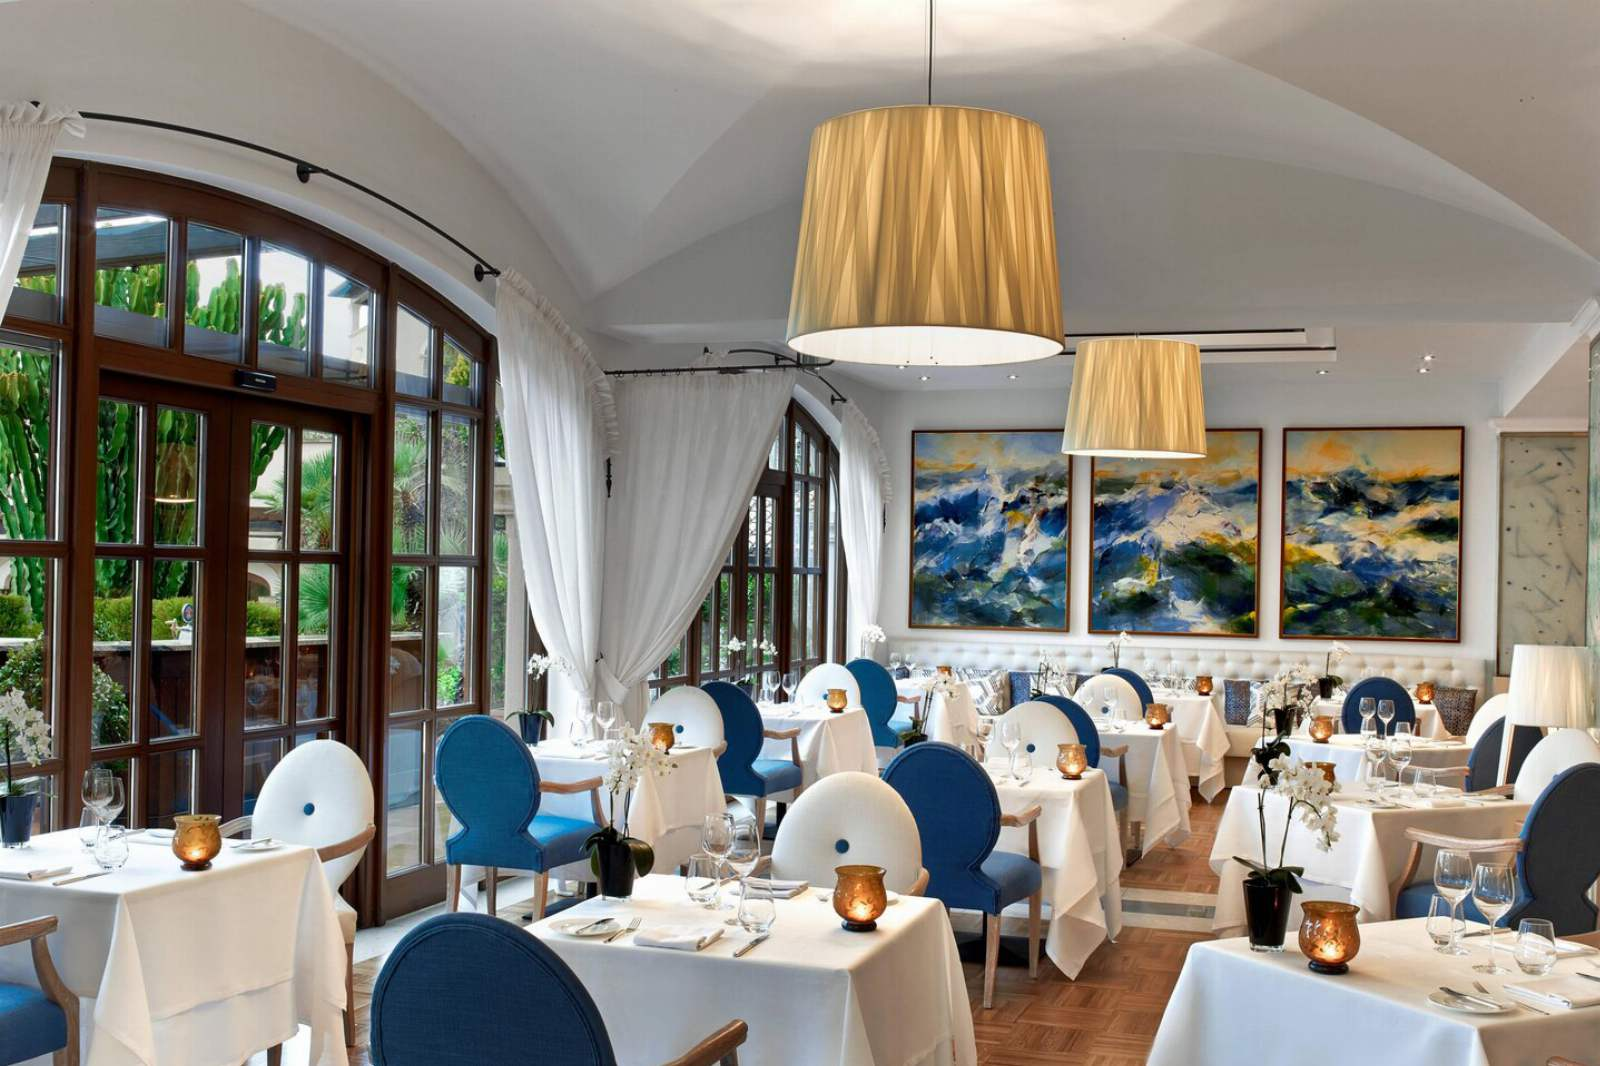 St. Regis Mardavall Resort - Aqua Restaurant